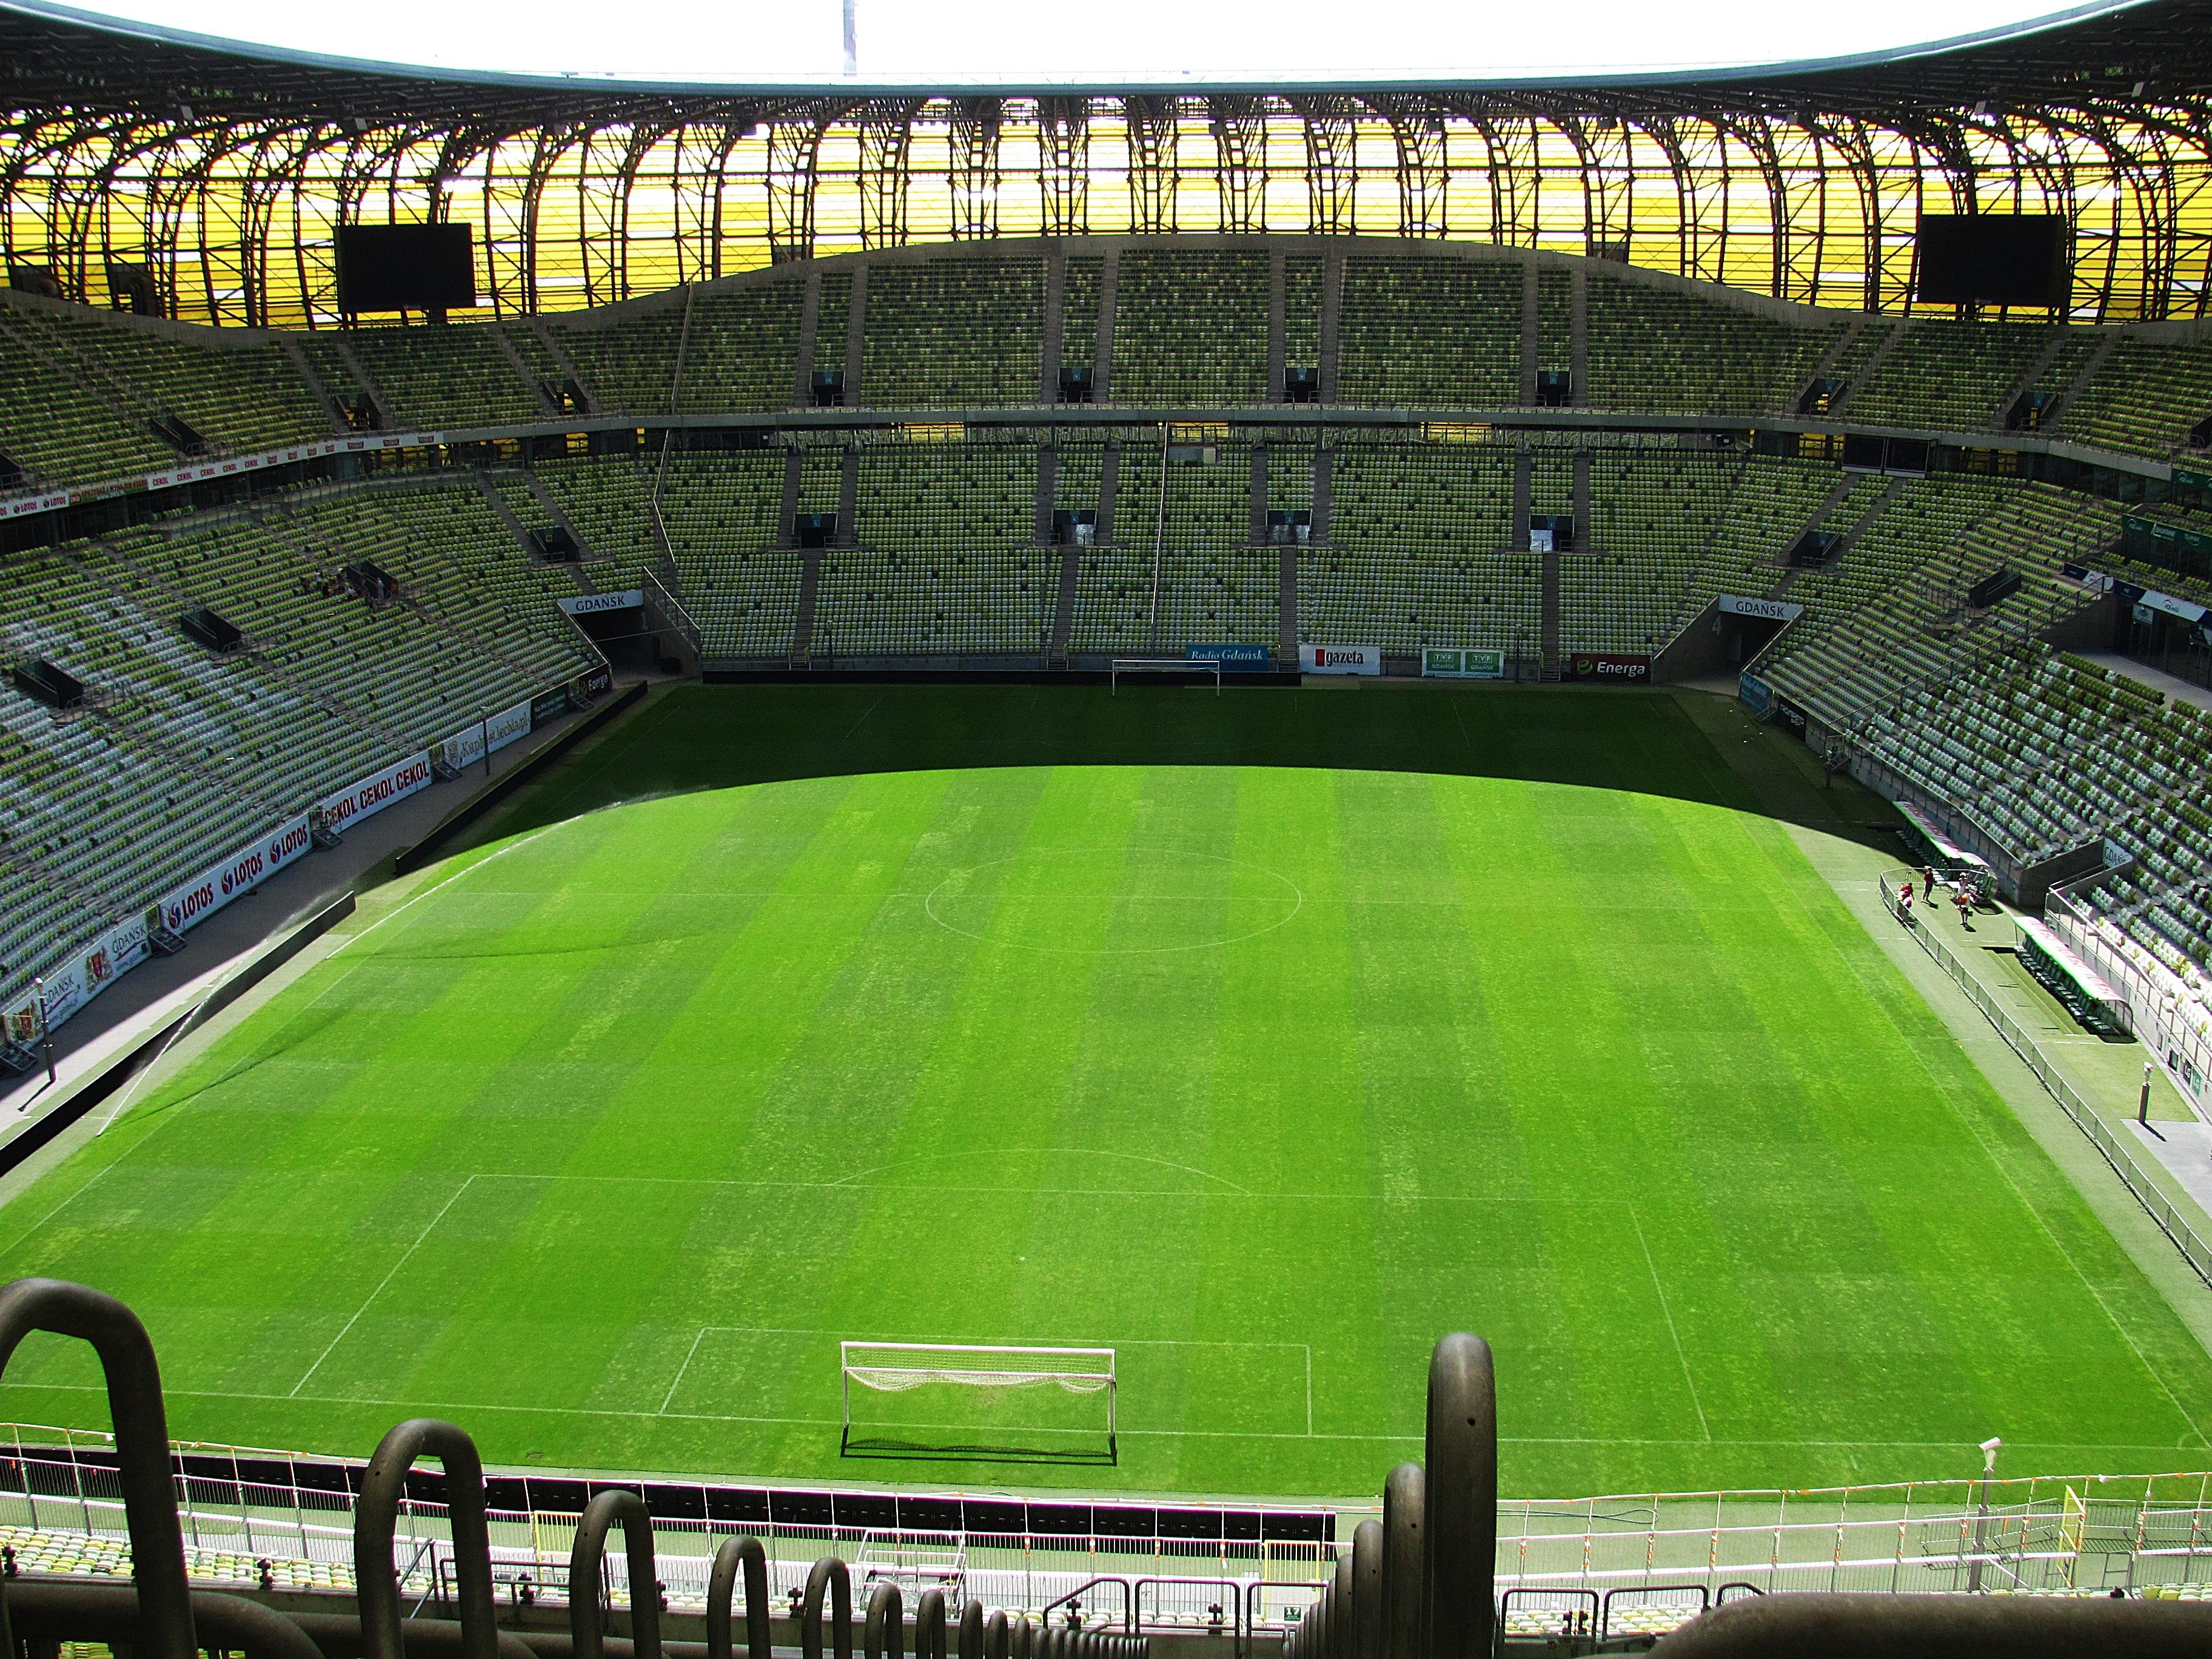 stadion-1065342